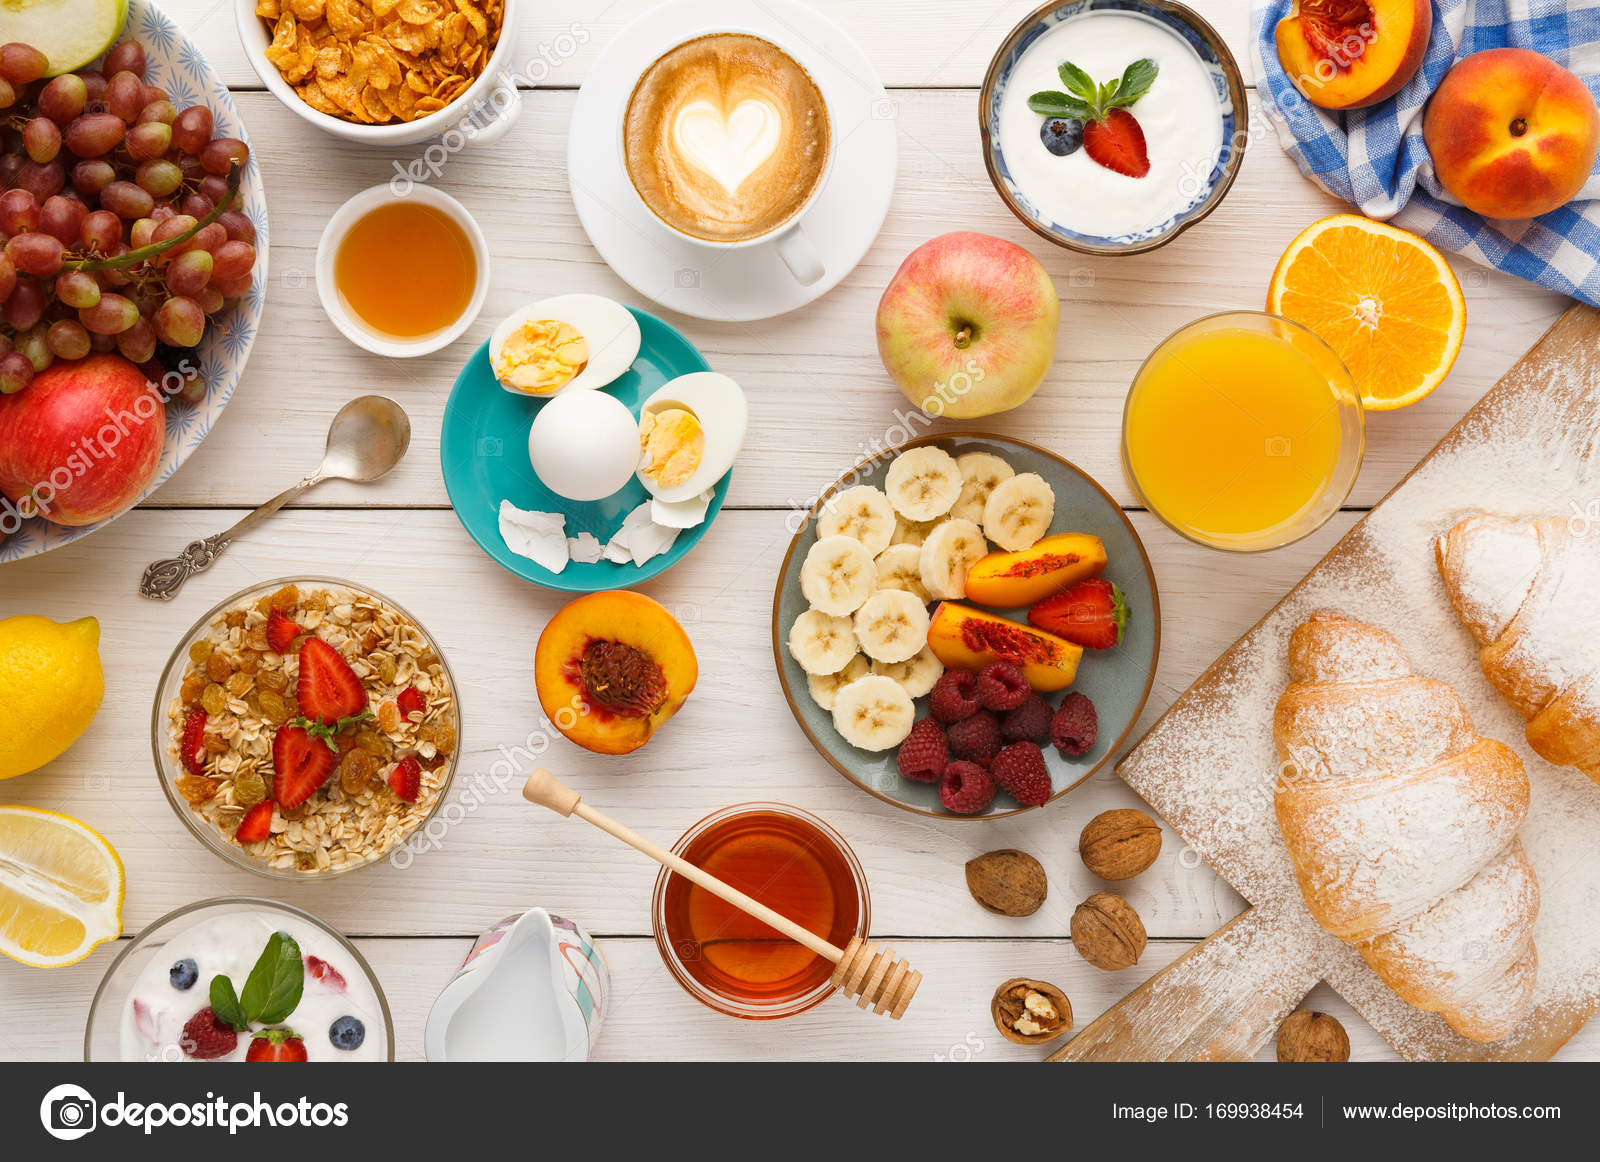 Awesome Kontinentales Frühstück Menü Auf Woden Tisch U2014 Stockfoto